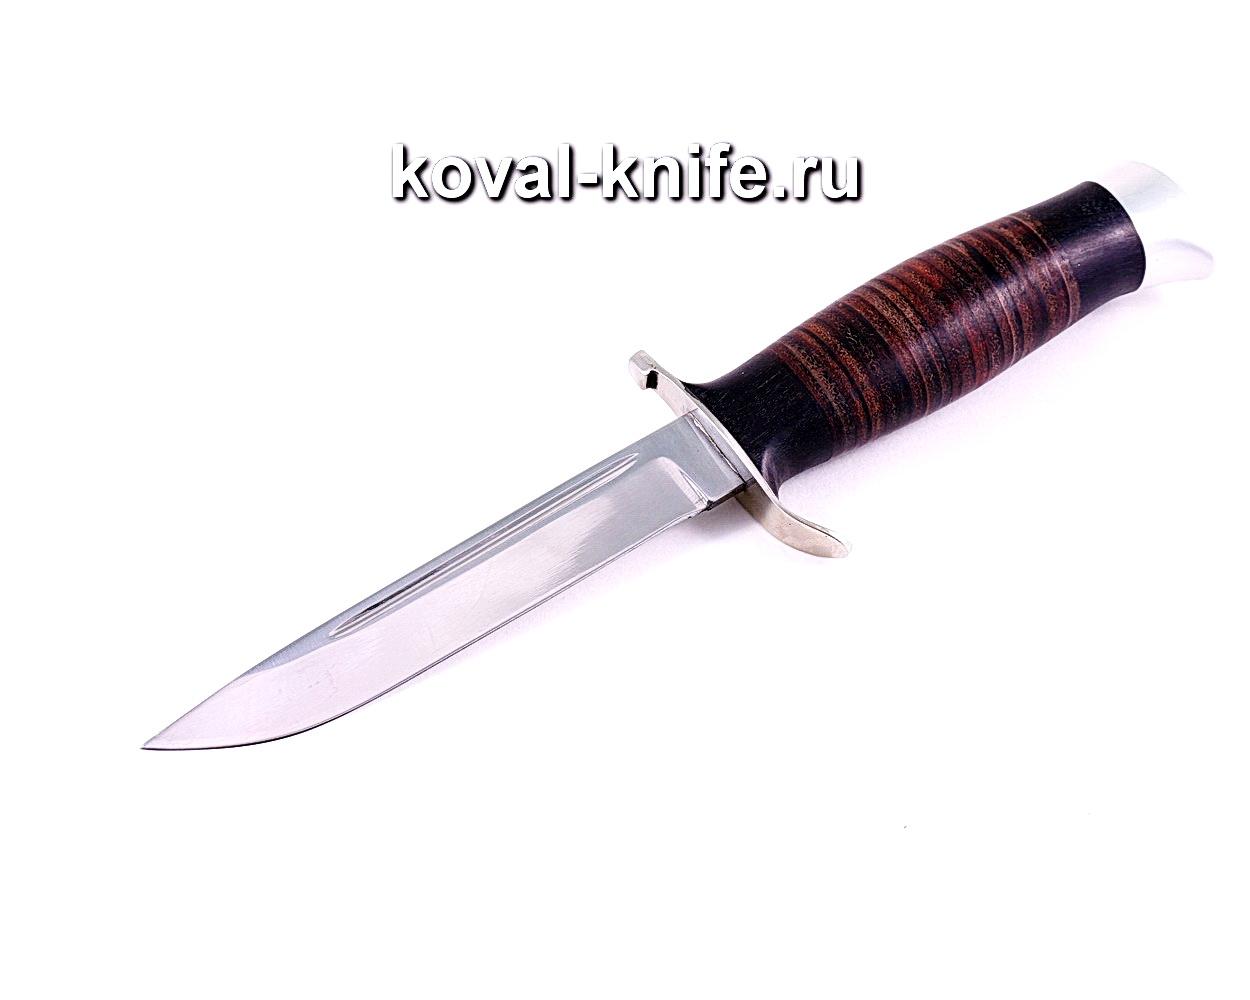 Нож Финка (сталь 95х18), рукоять граб, кожа, литье A113